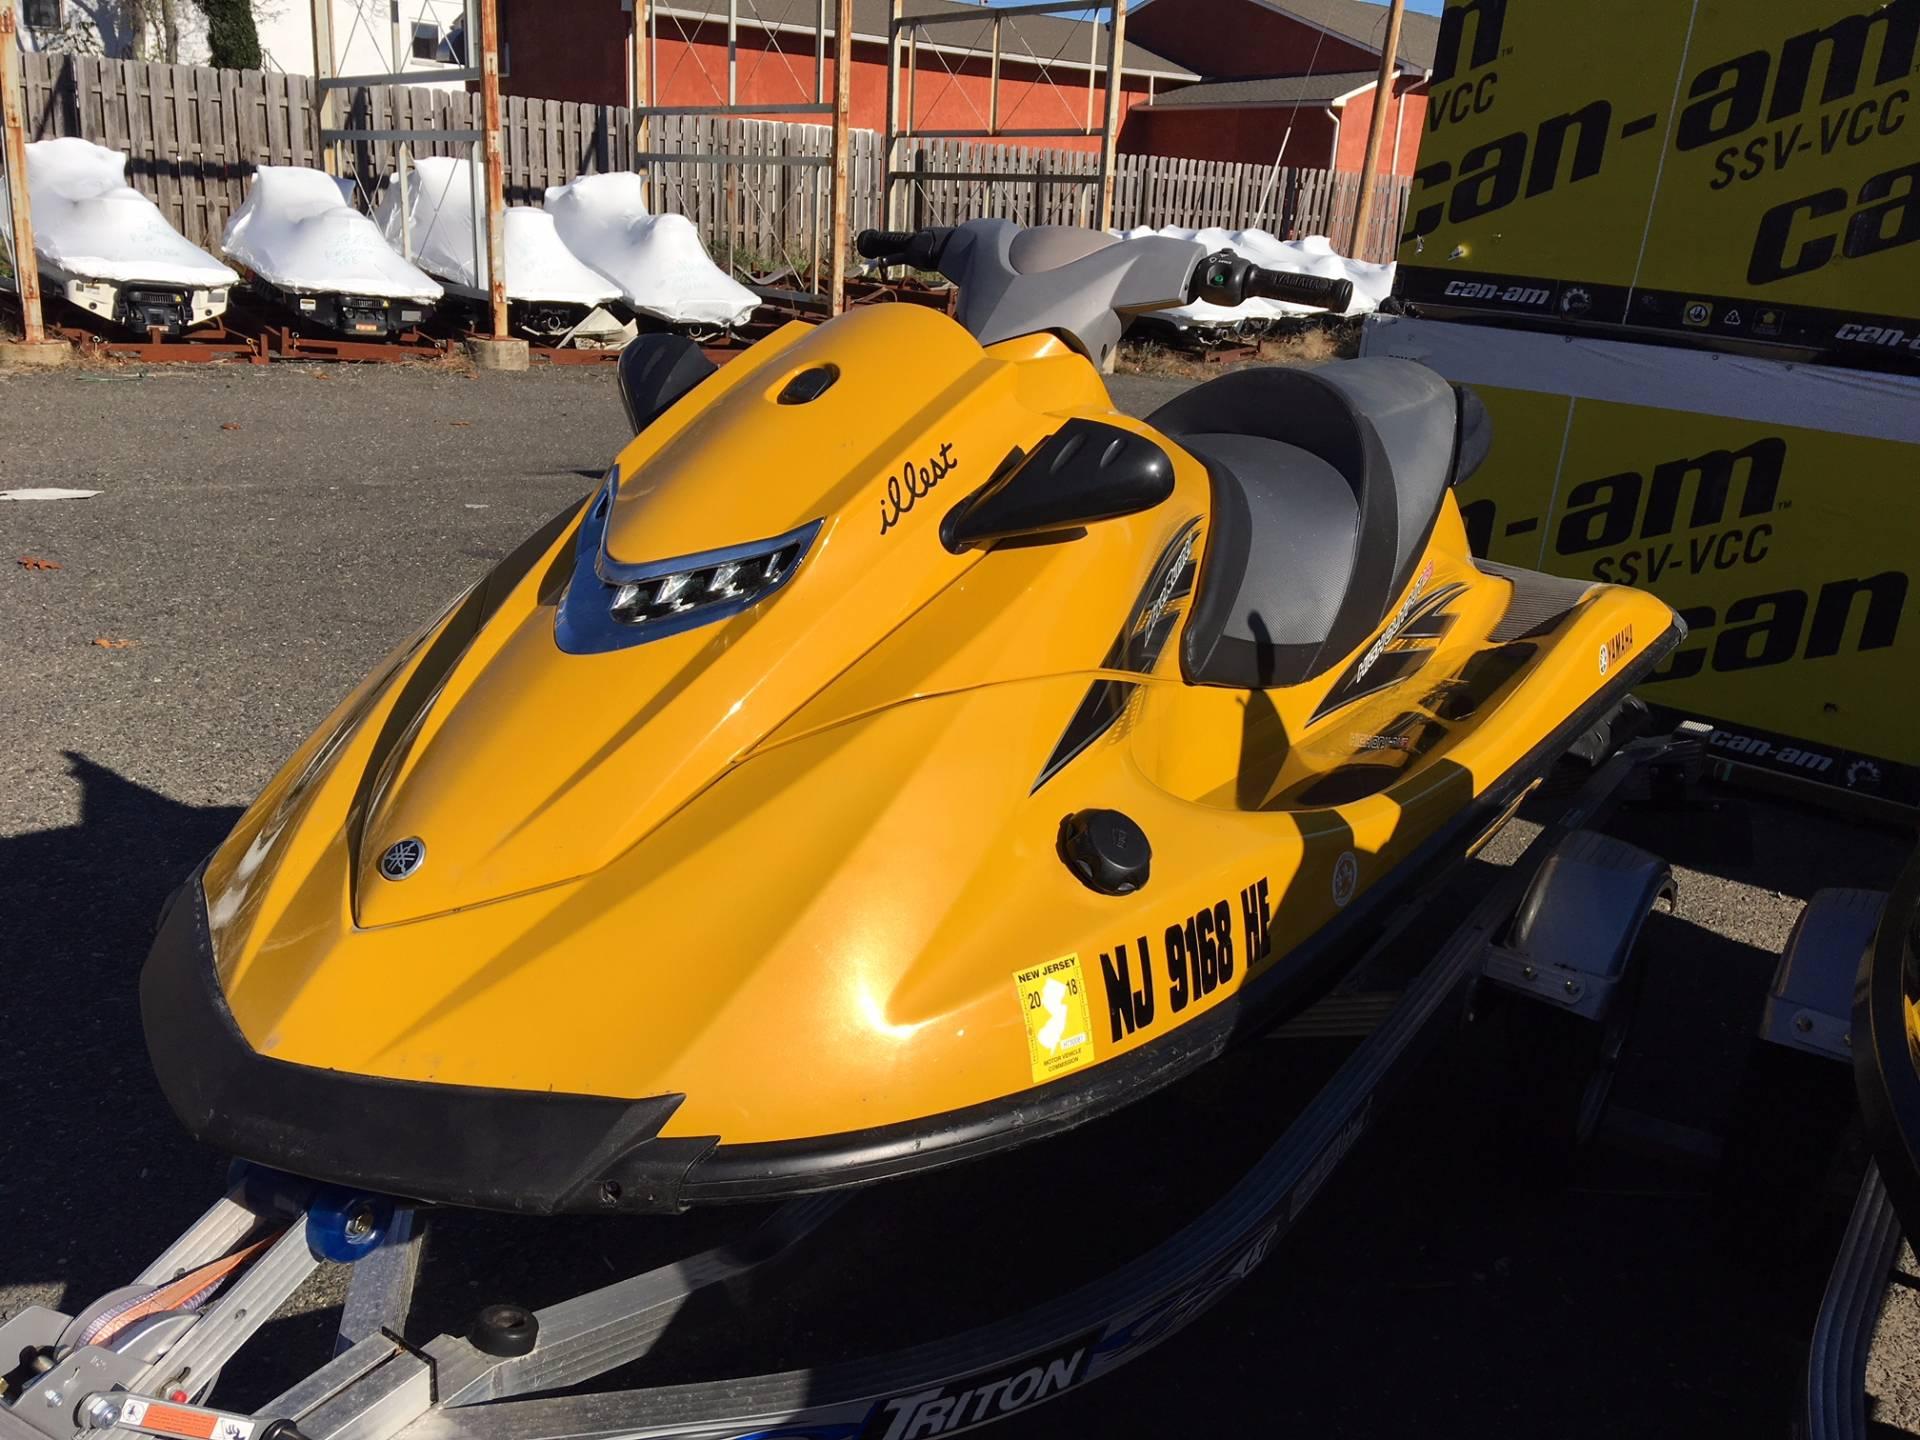 2013 Yamaha VXR for sale 88427